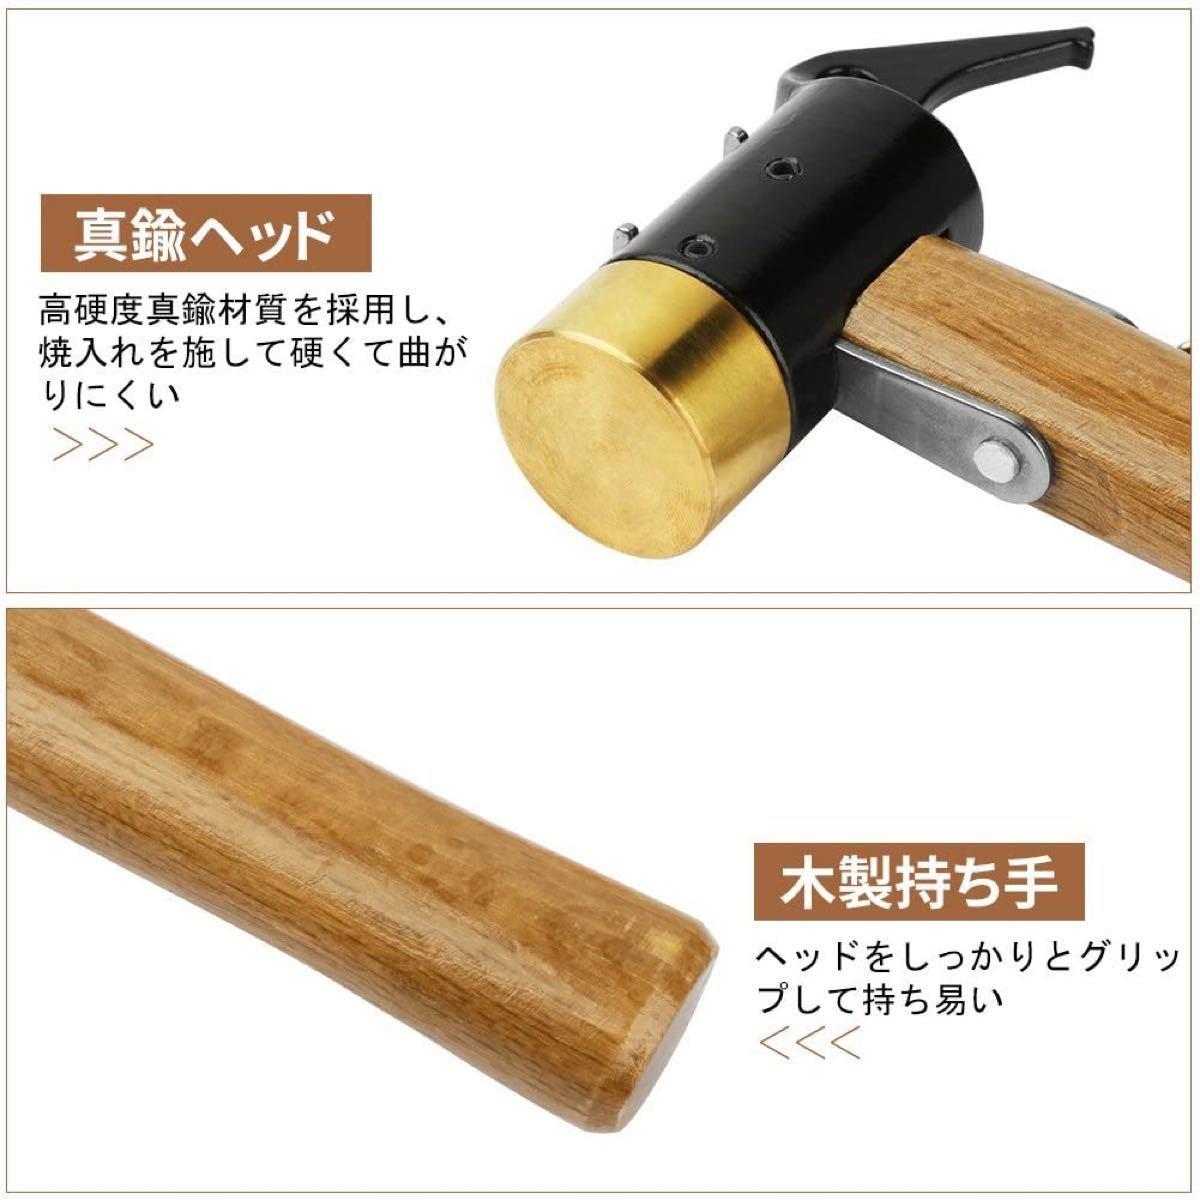 ペグハンマー 真鍮 ヘッド WEINAS 丈夫 耐久性良い 使いやすい ハンマー 木製 ハンドル 収納袋付き キャンプ アウトドア